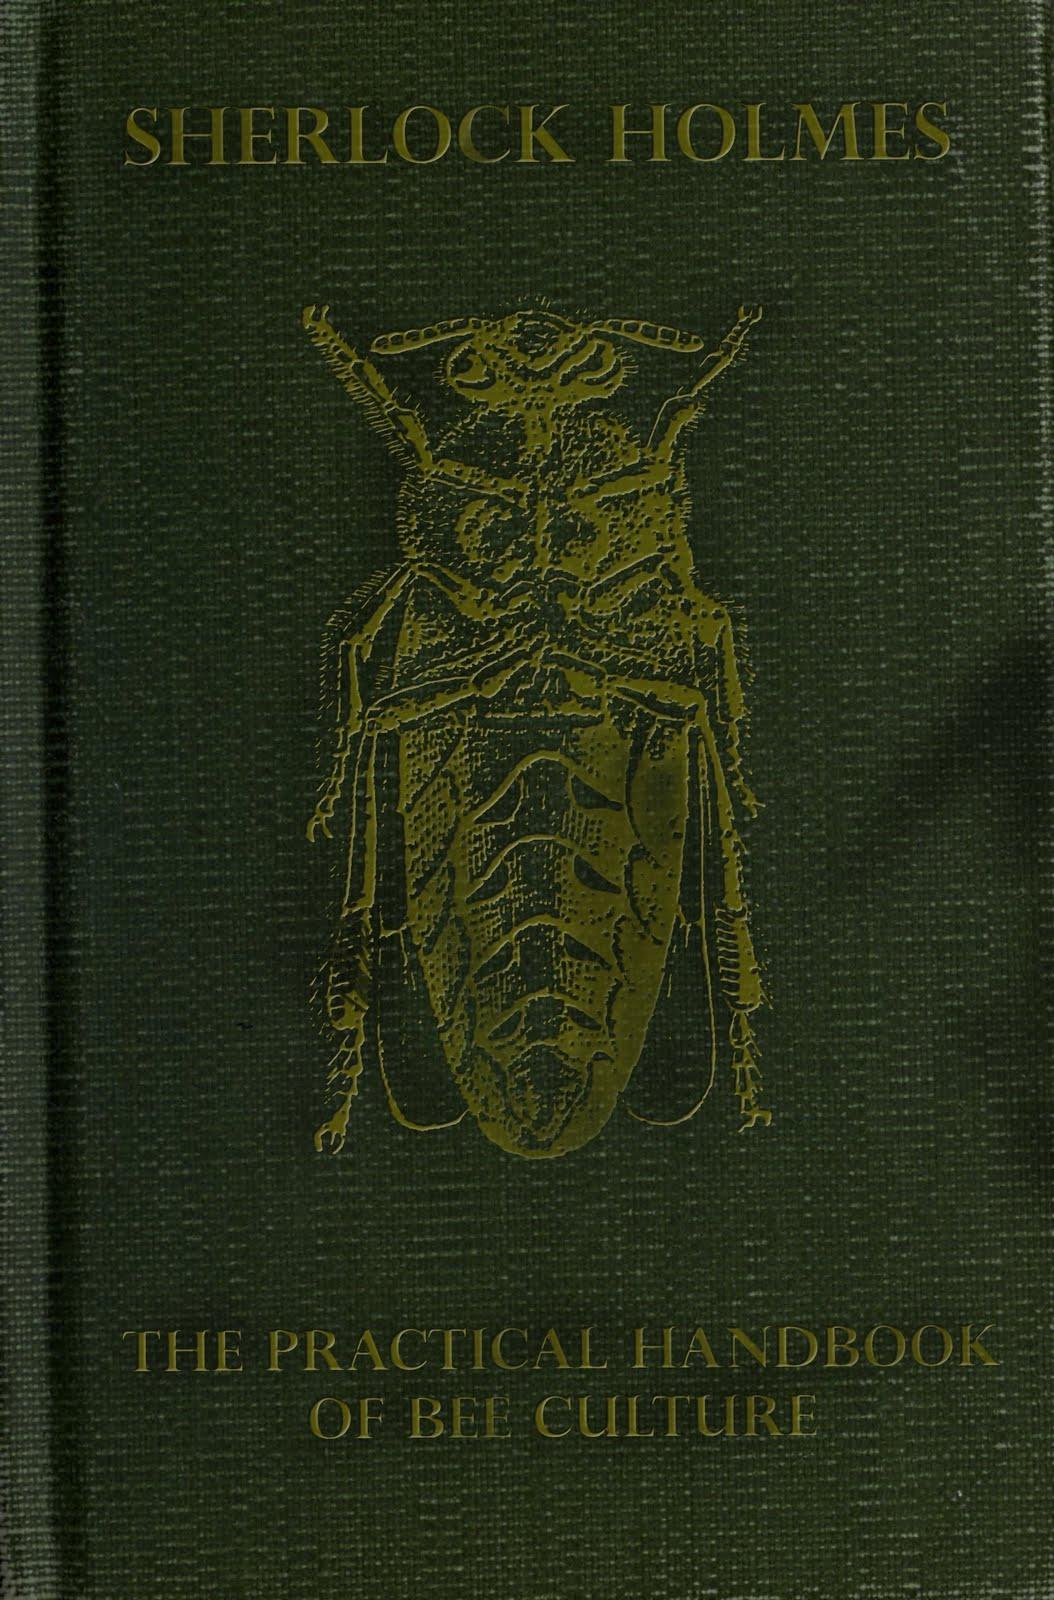 El libro de Holmes